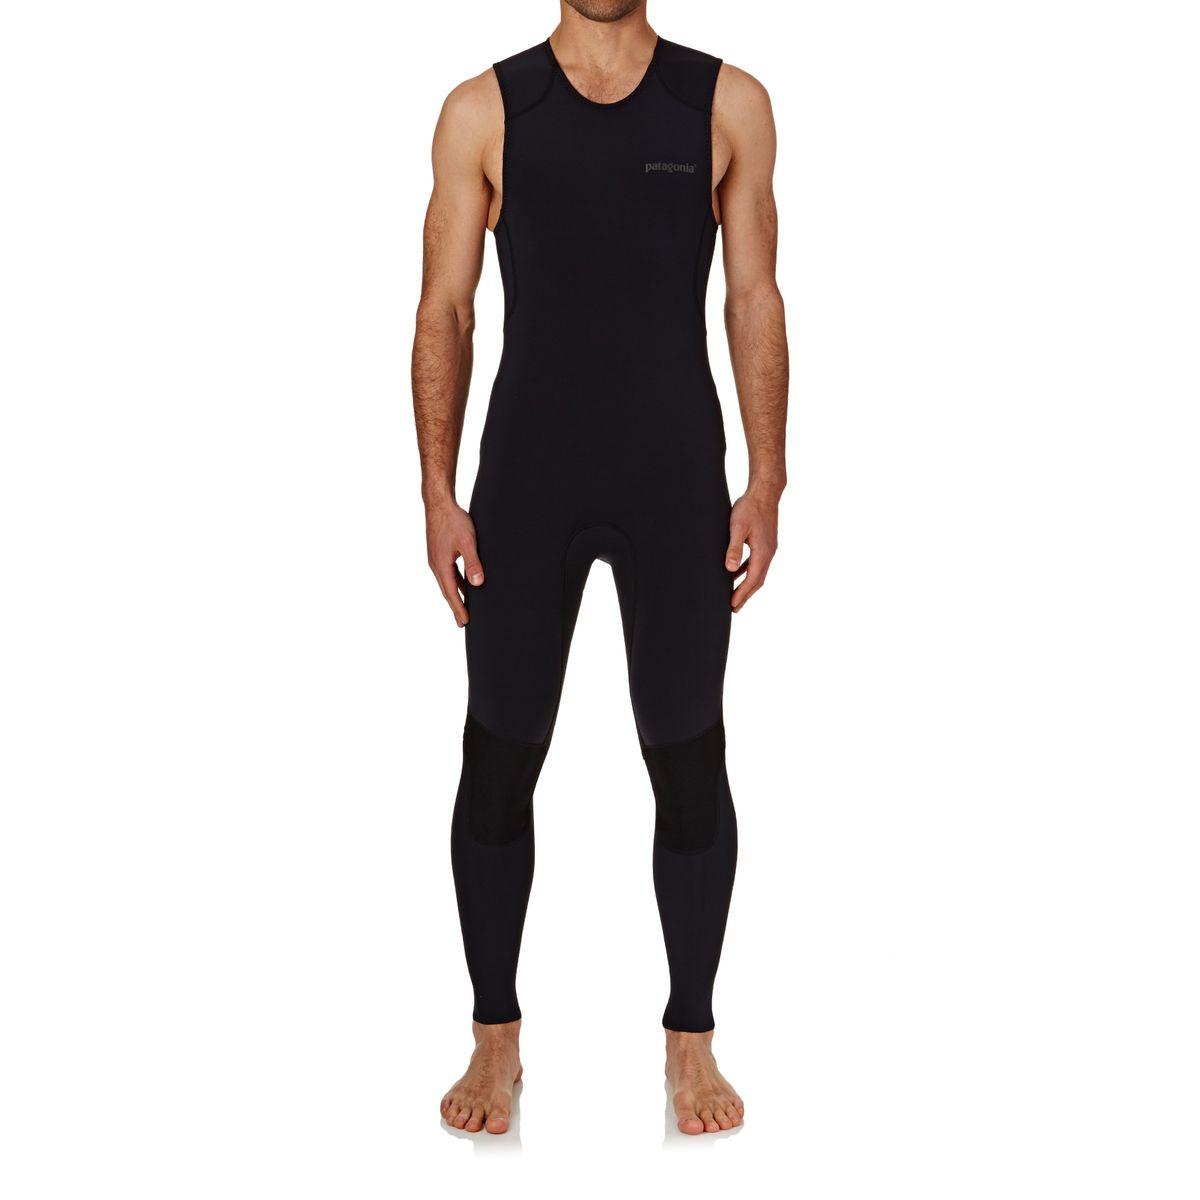 Patagonia R1 Lite Yulex Long John Wetsuit - Black